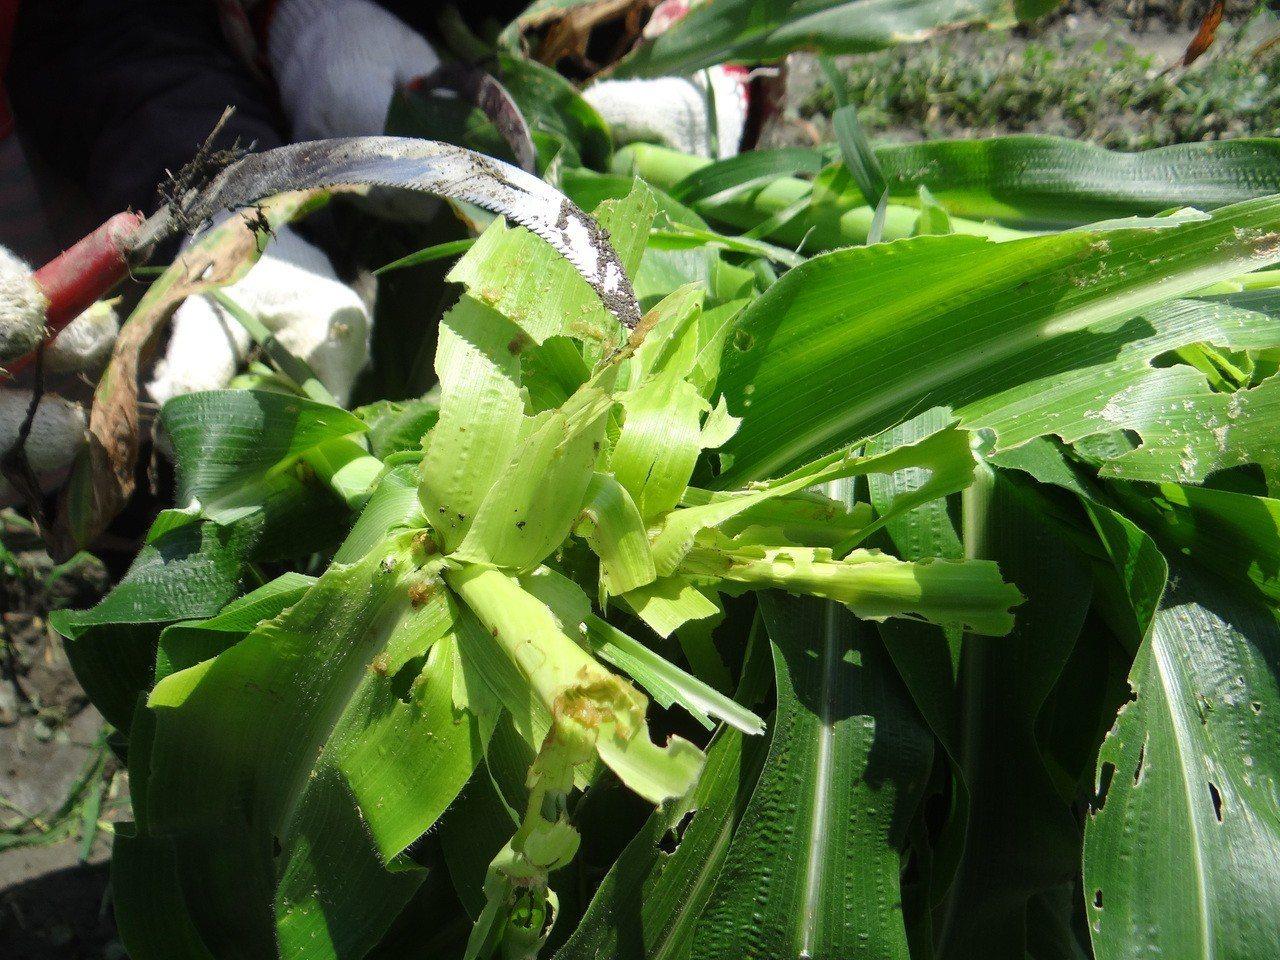 受感染的玉米葉心被啃得不成形。記者蔡維斌/攝影